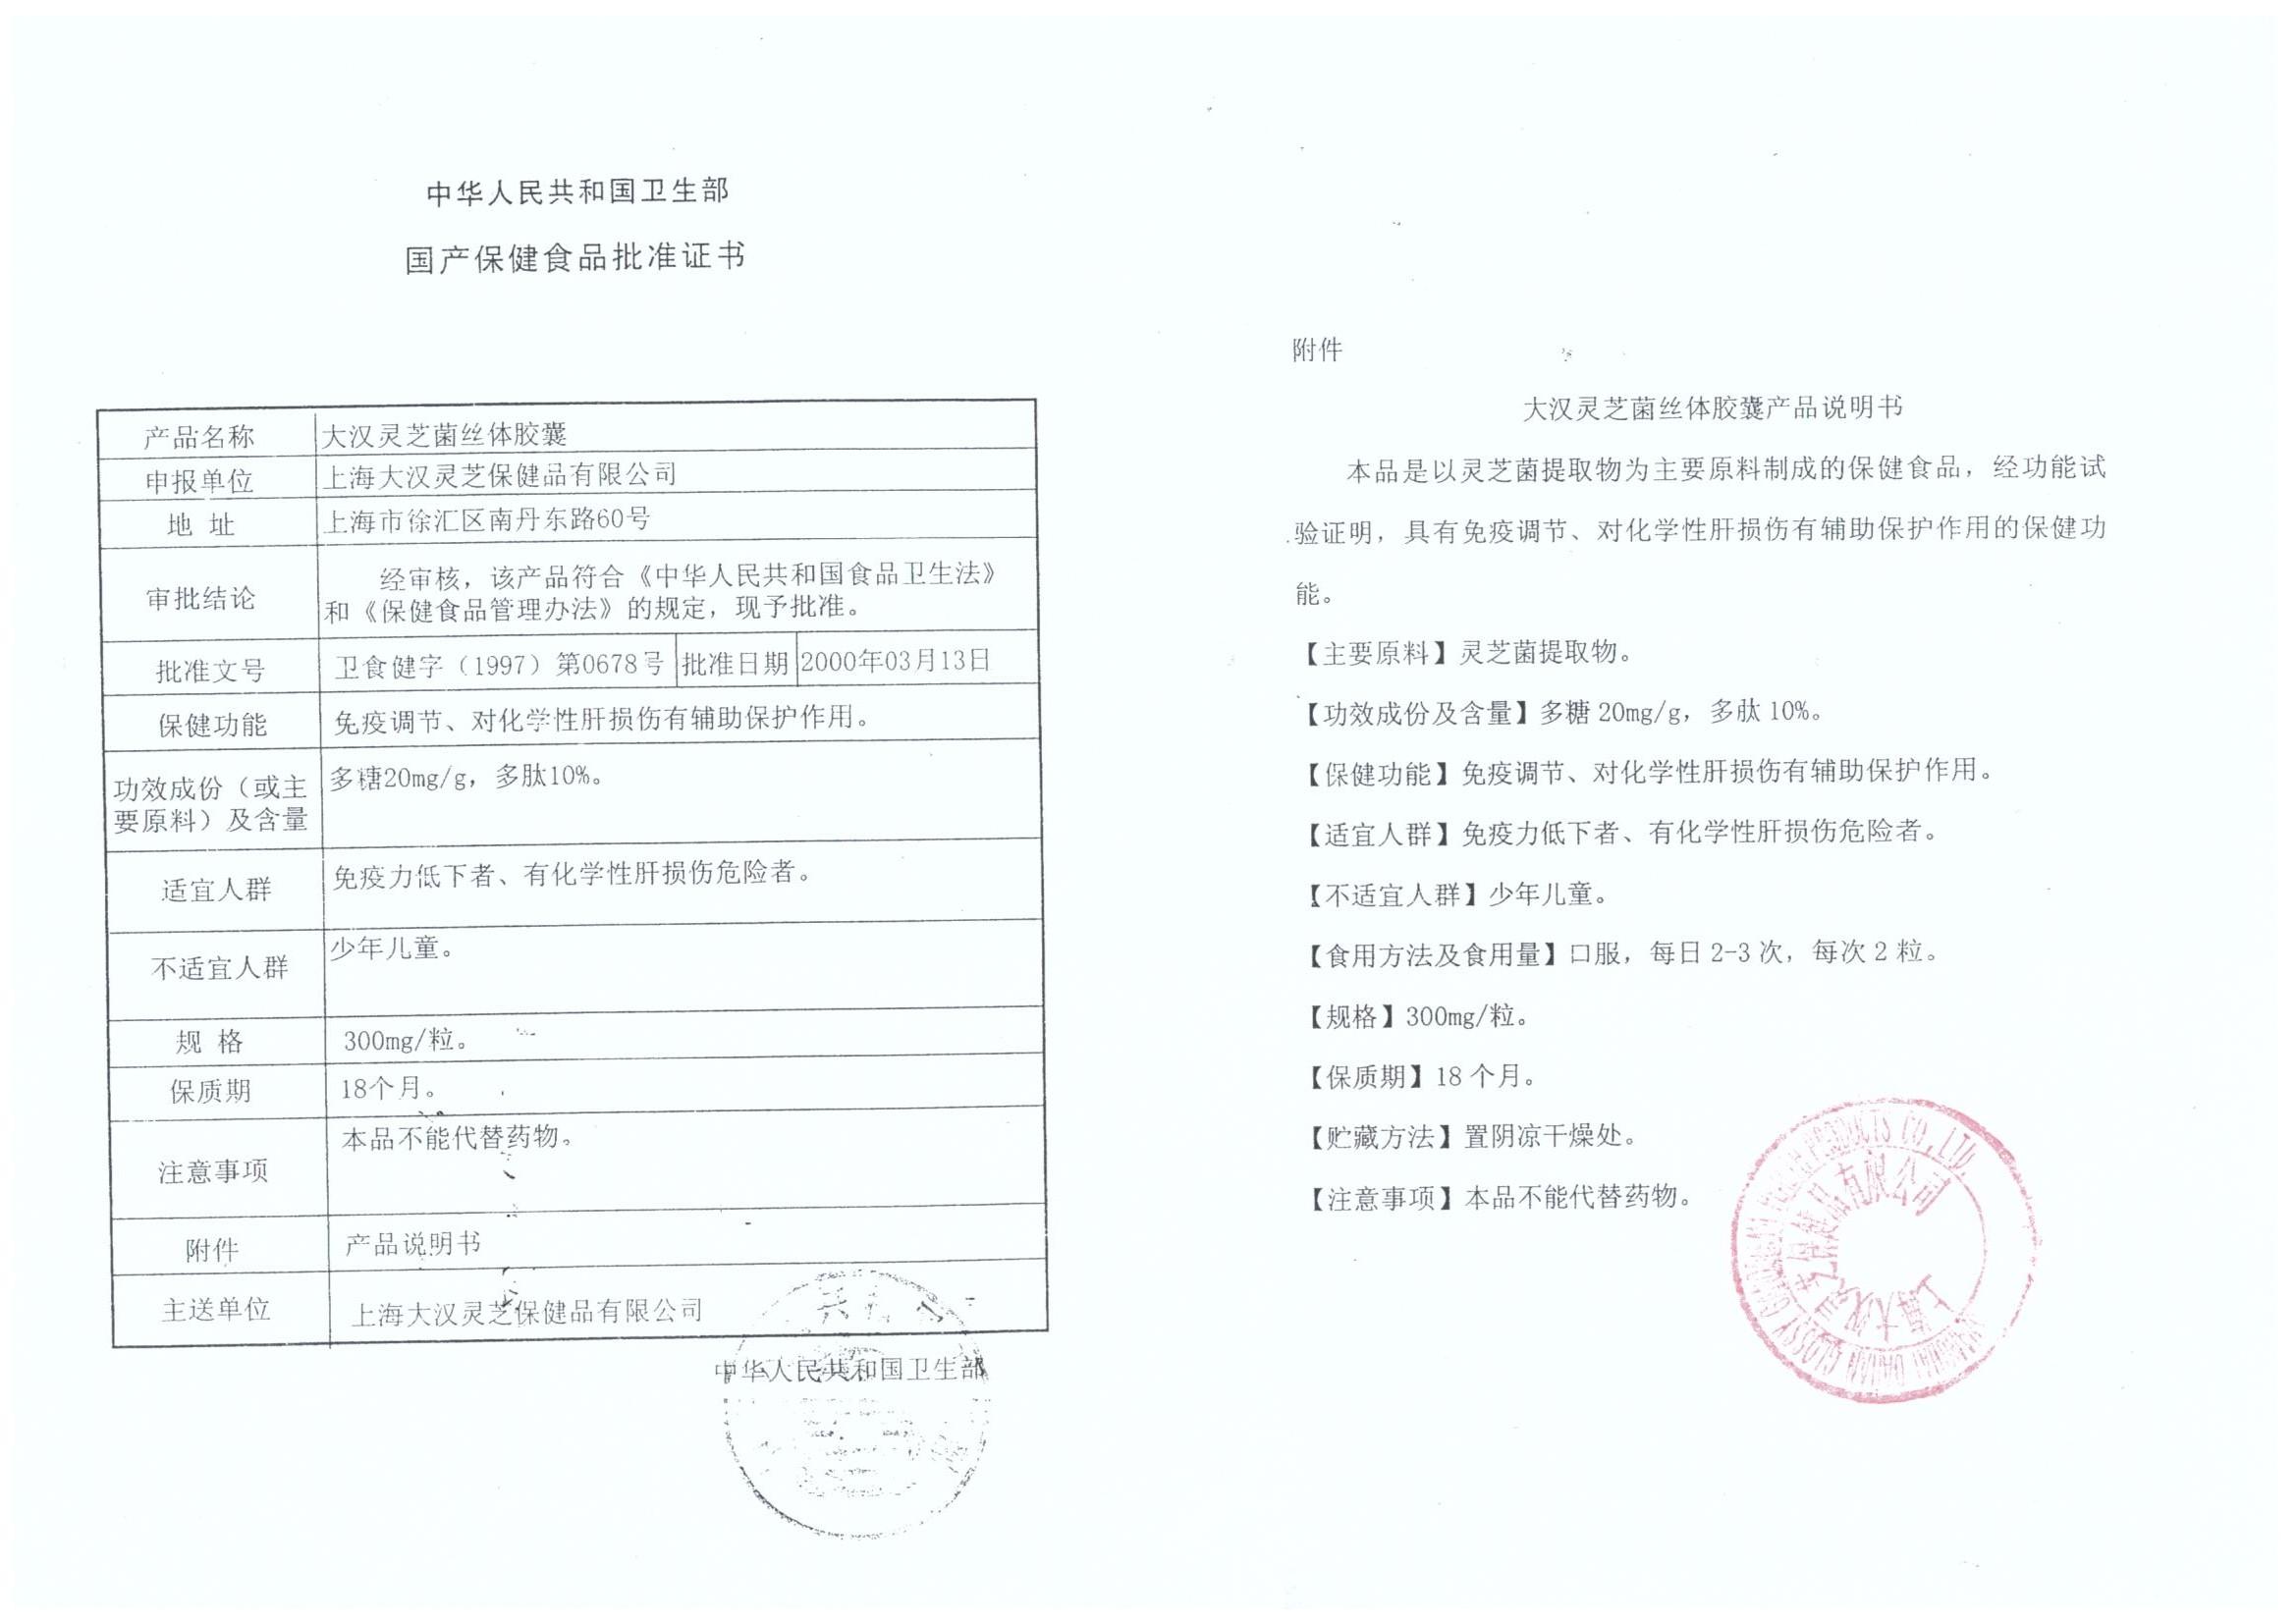 菇新大汉灵芝菌丝体胶囊保健食品批准证书